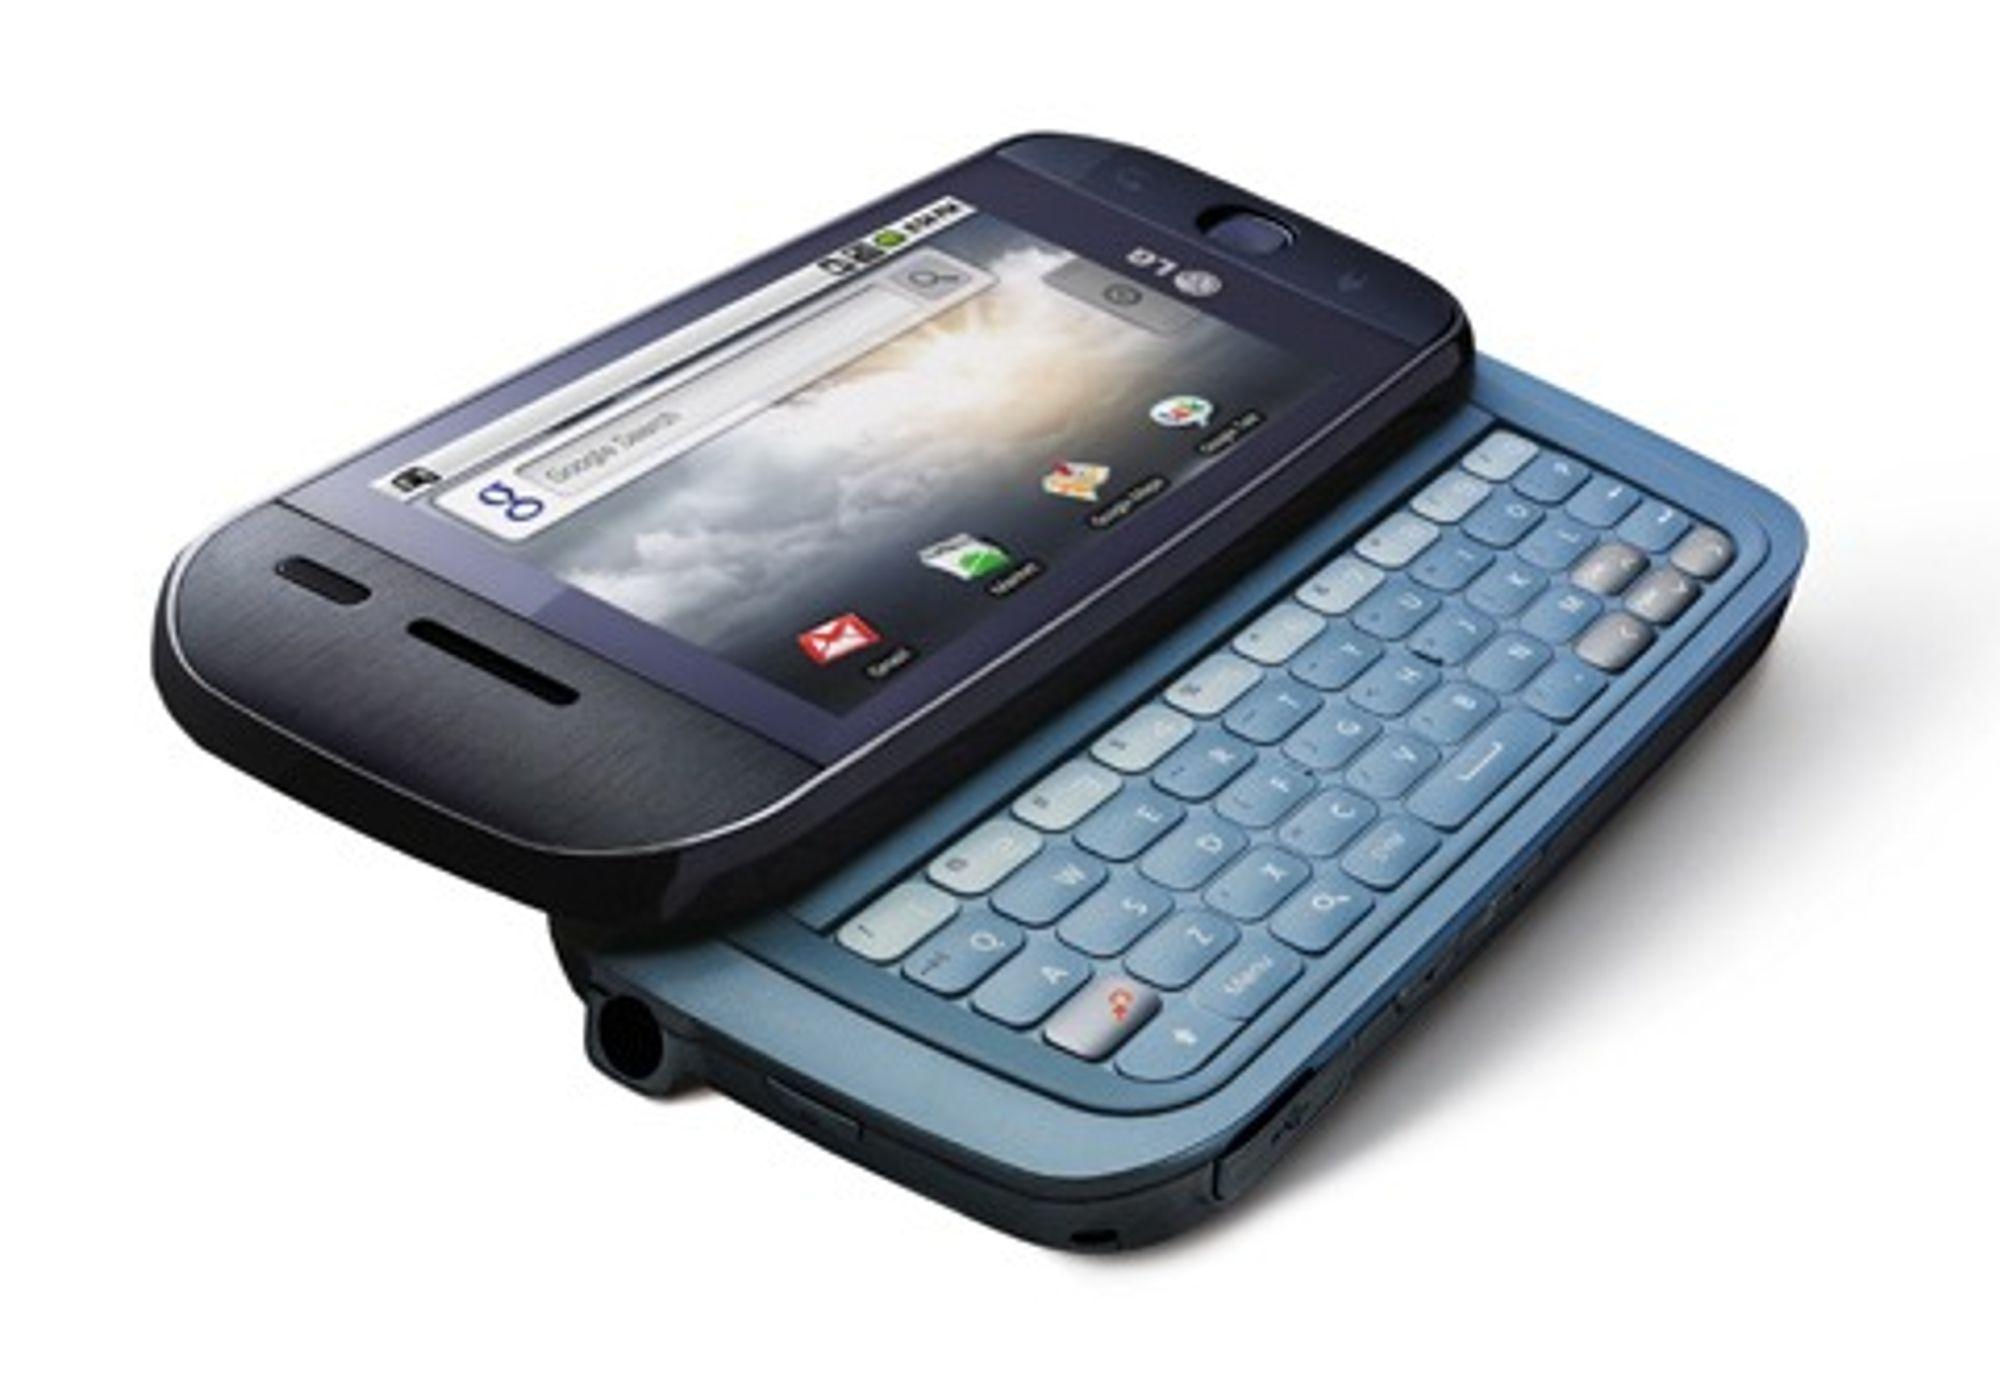 LG LG-GW620